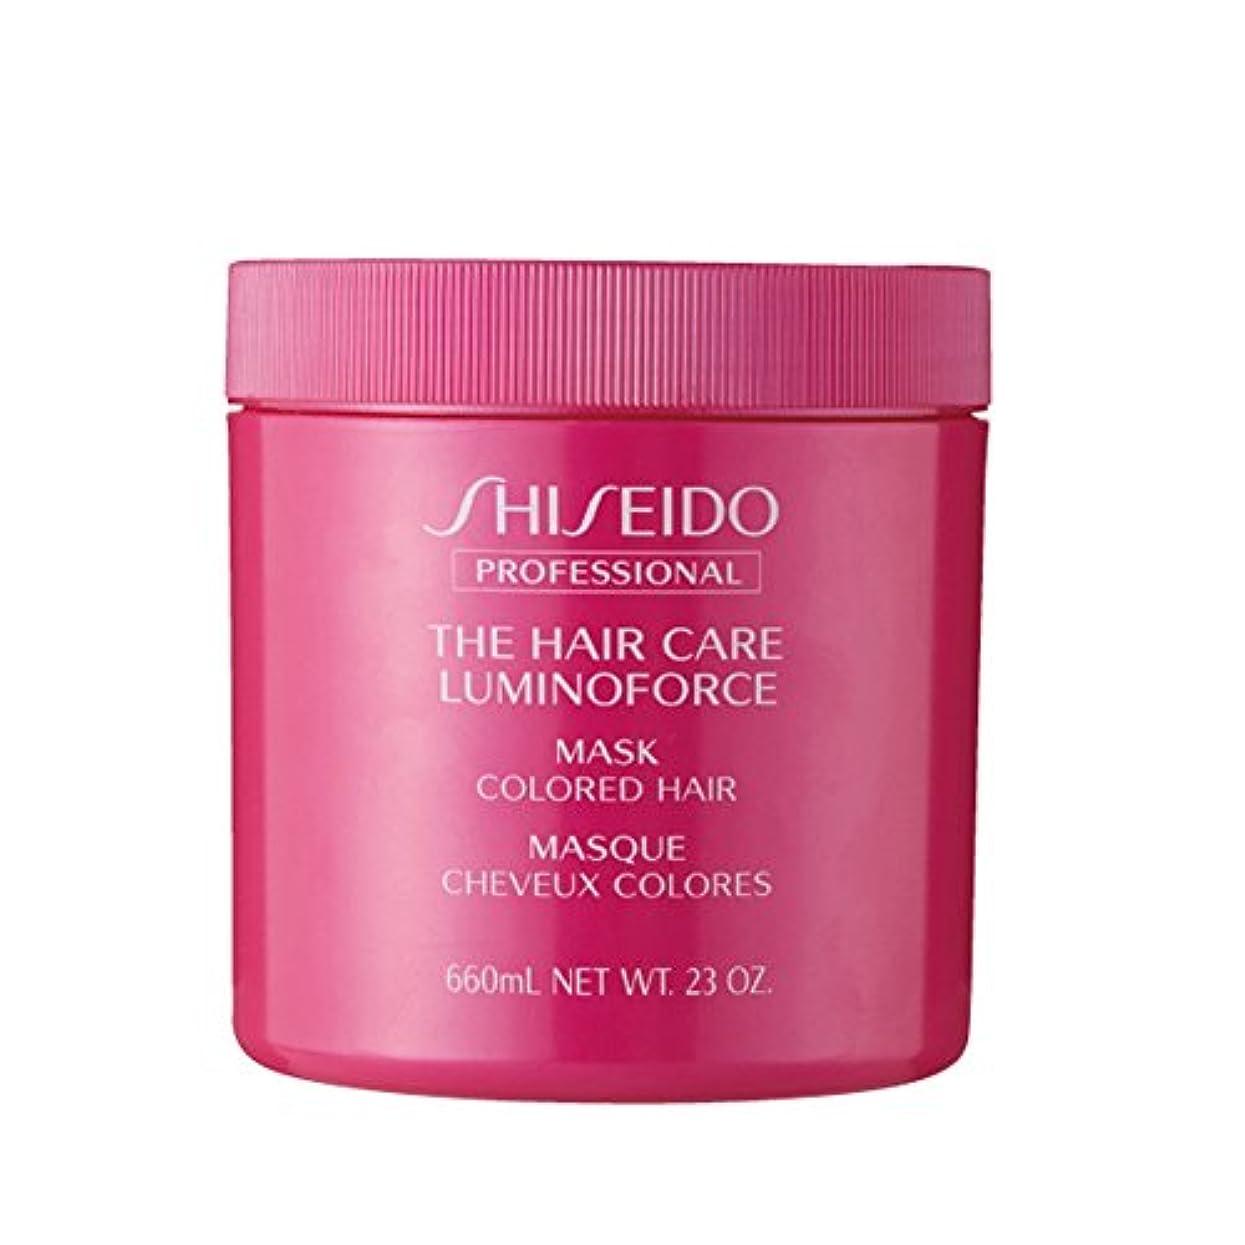 ミュート誘うバトル資生堂 THC ルミノフォース マスク 680g ヘアカラーを繰り返したごわついた髪を、 芯からしなやかでつややかな髪へ SHISEIDO LUMINOFORCE